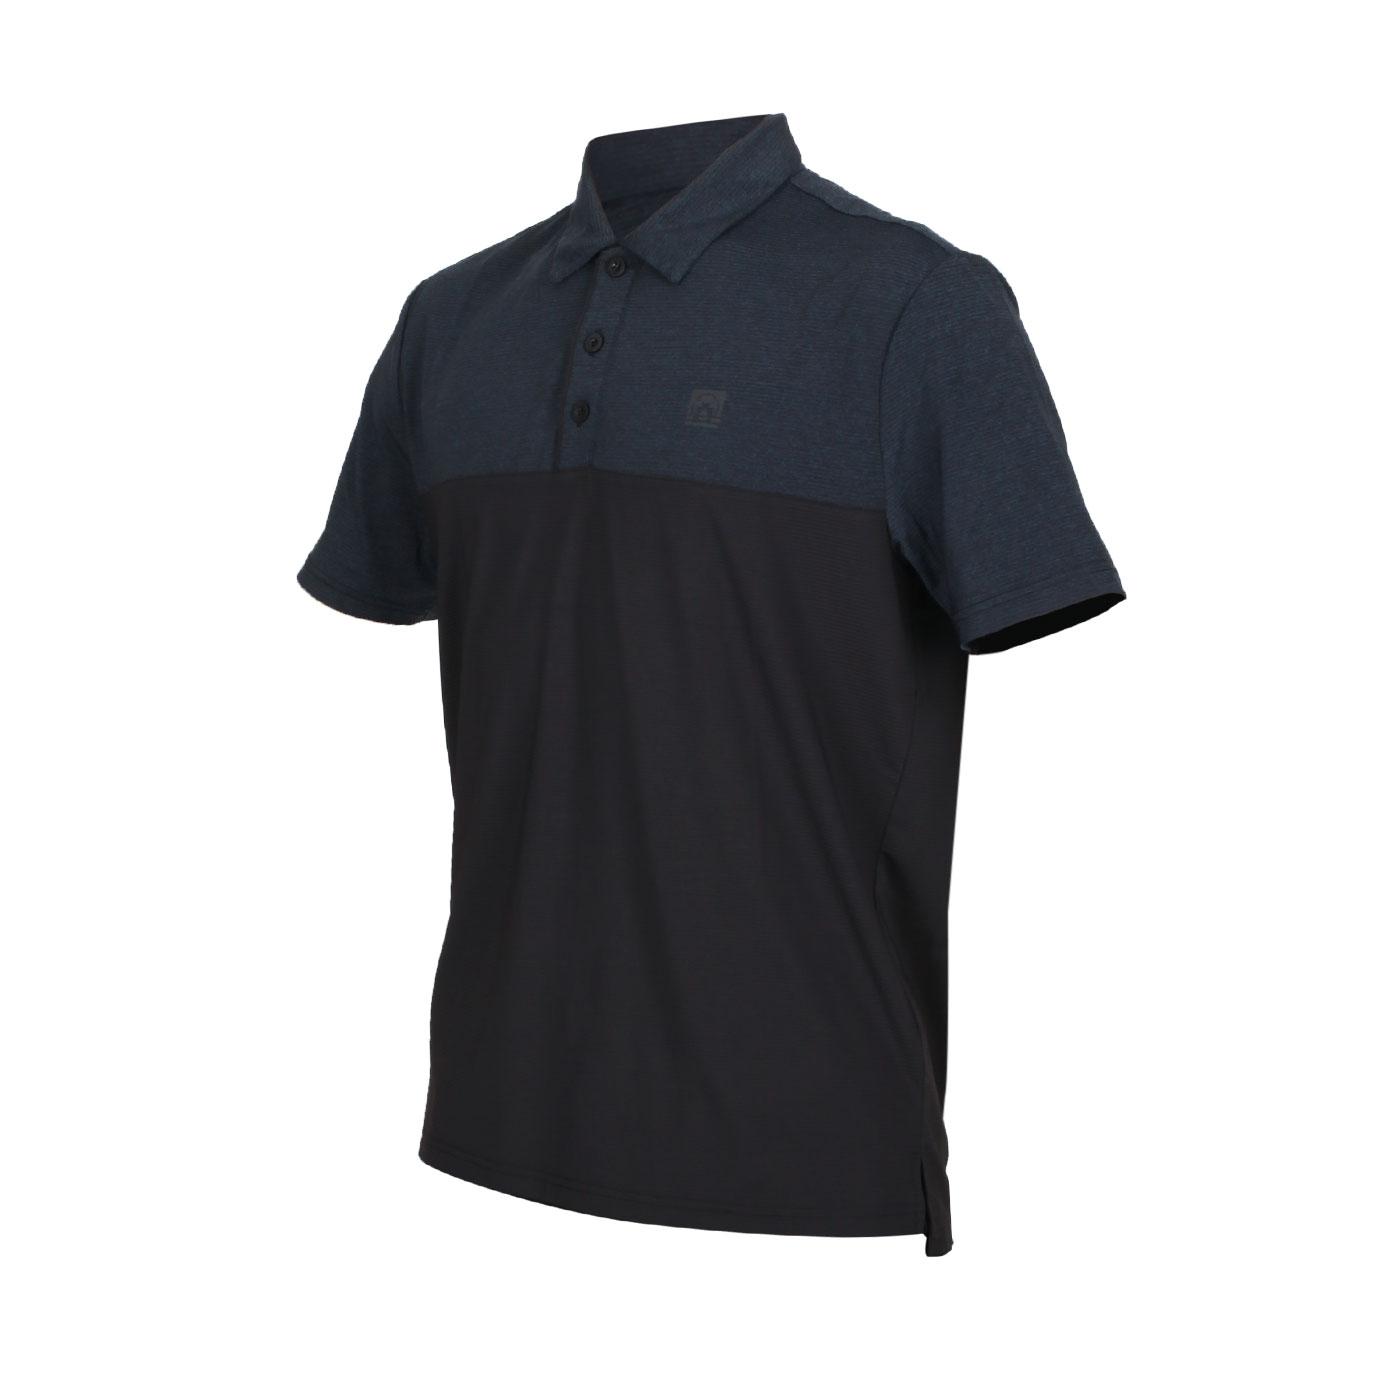 FIRESTAR 男款彈性剪接短袖POLO衫 D0553-18 - 麻花墨藍黑